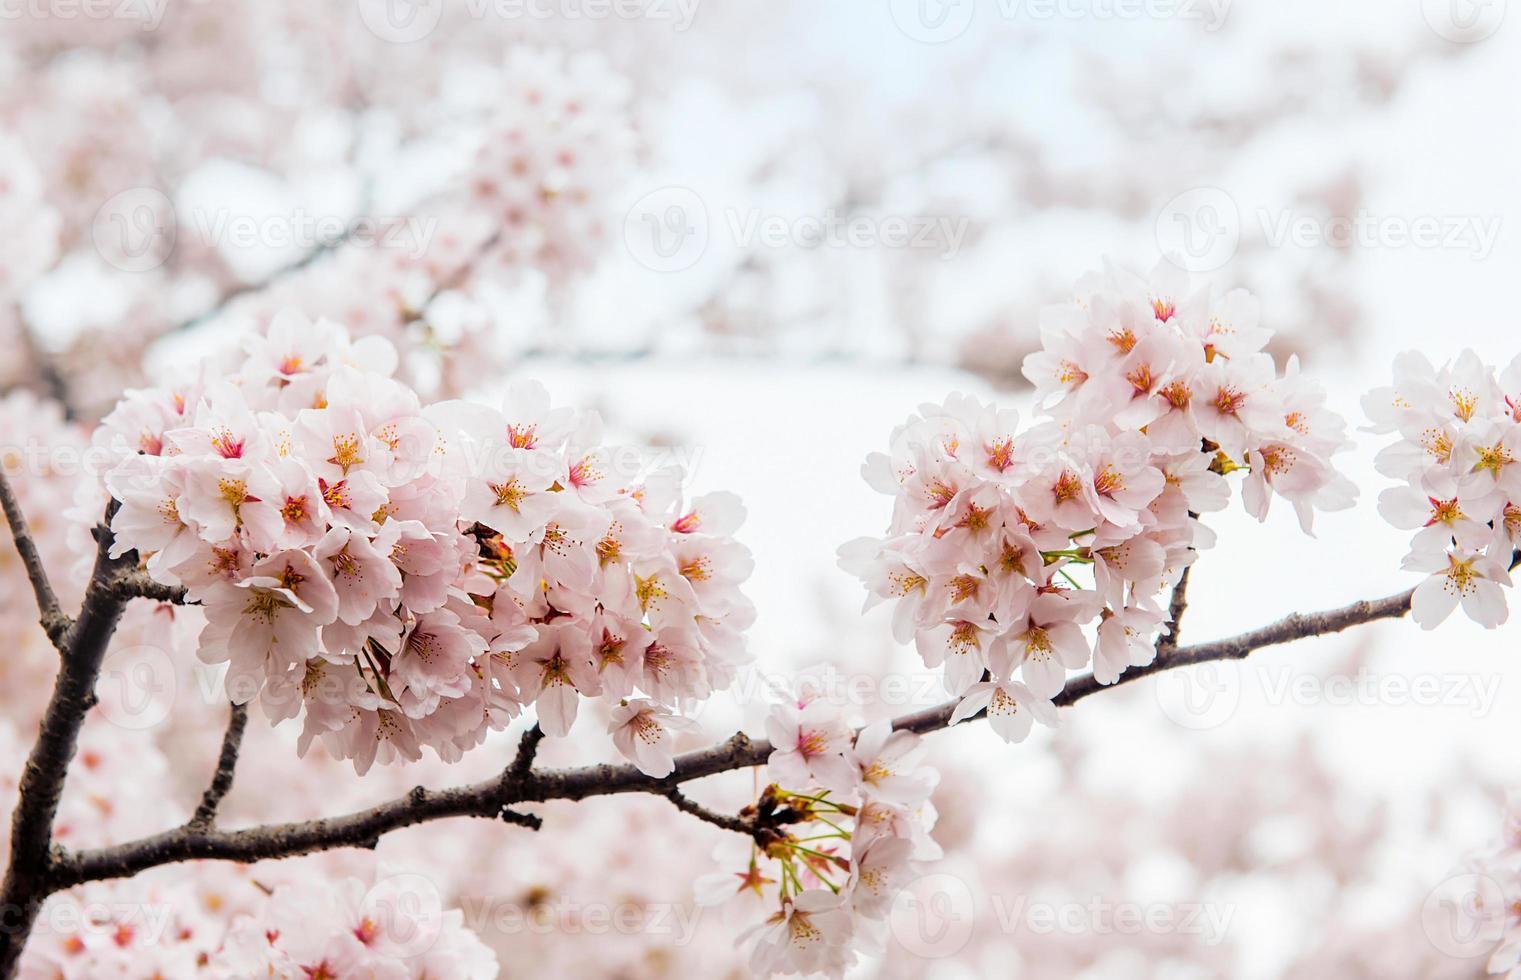 fleur de cerisier avec soft focus, saison de sakura en corée photo